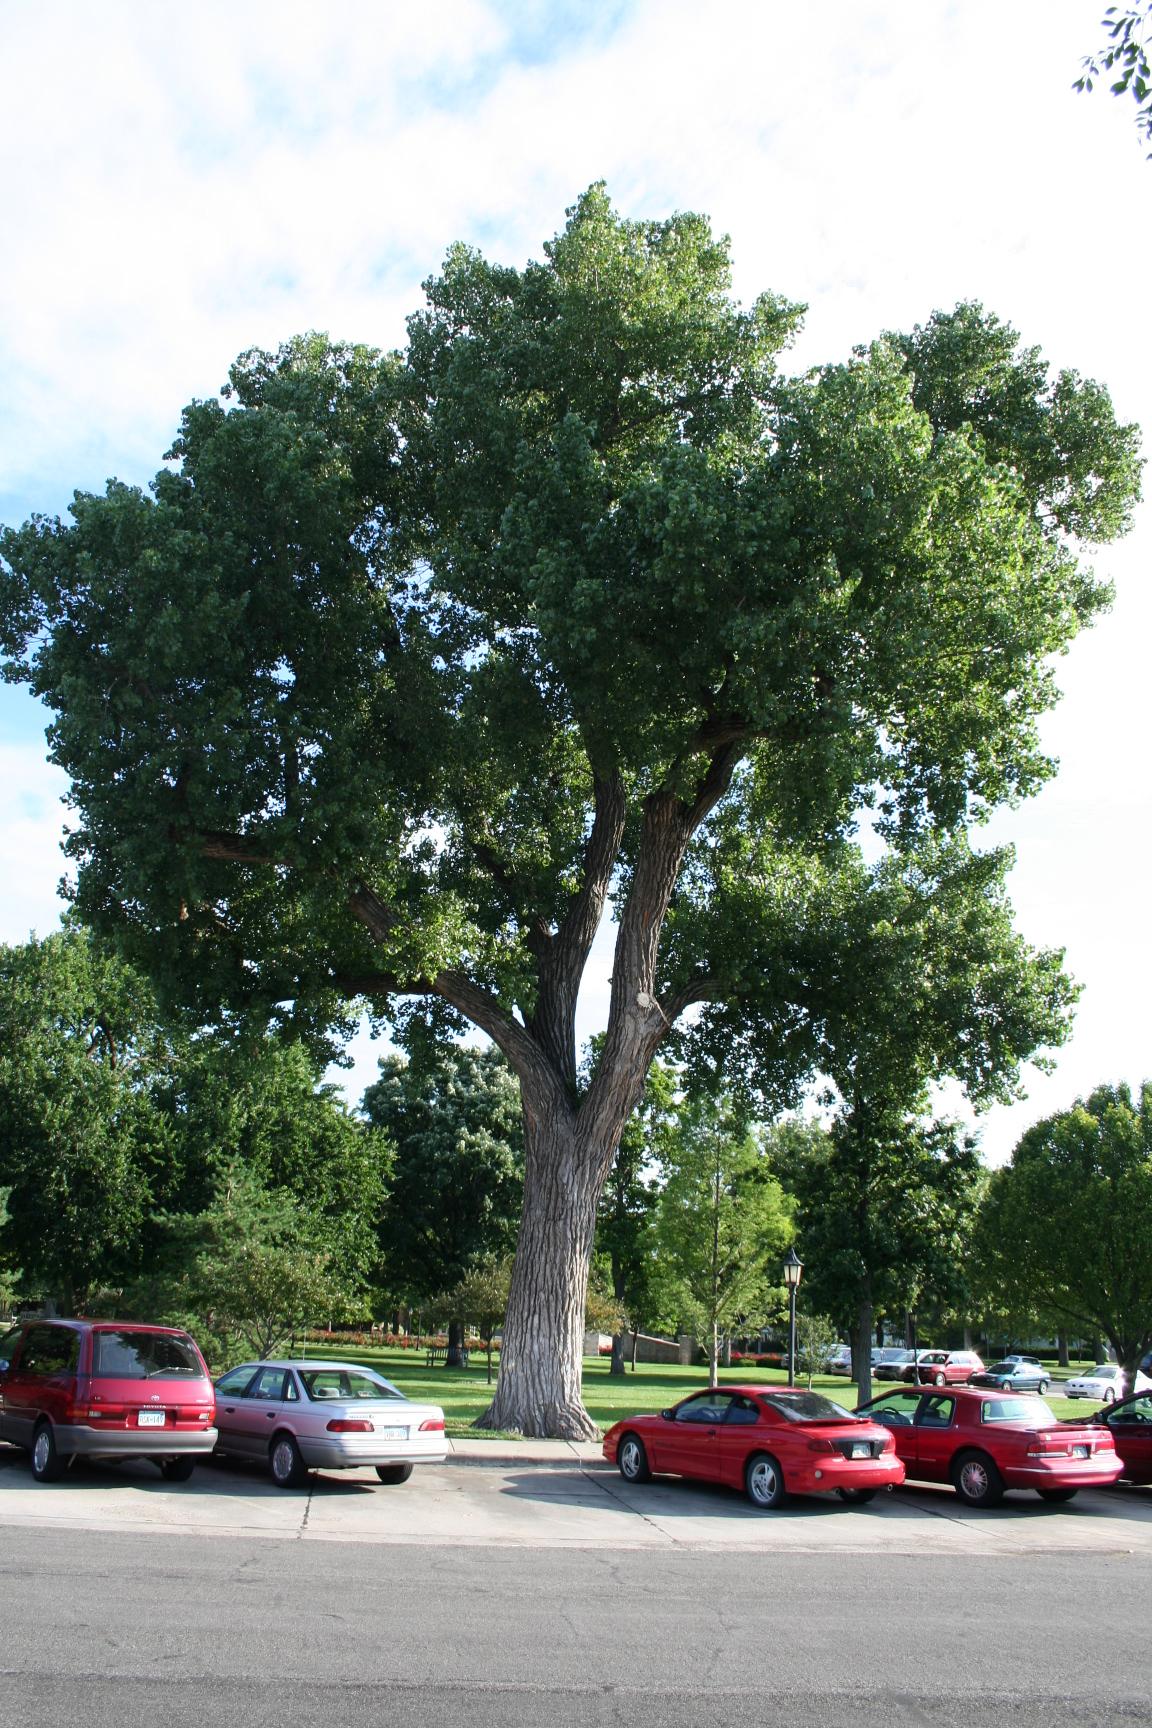 Cottonwood in Wichita, Kansas